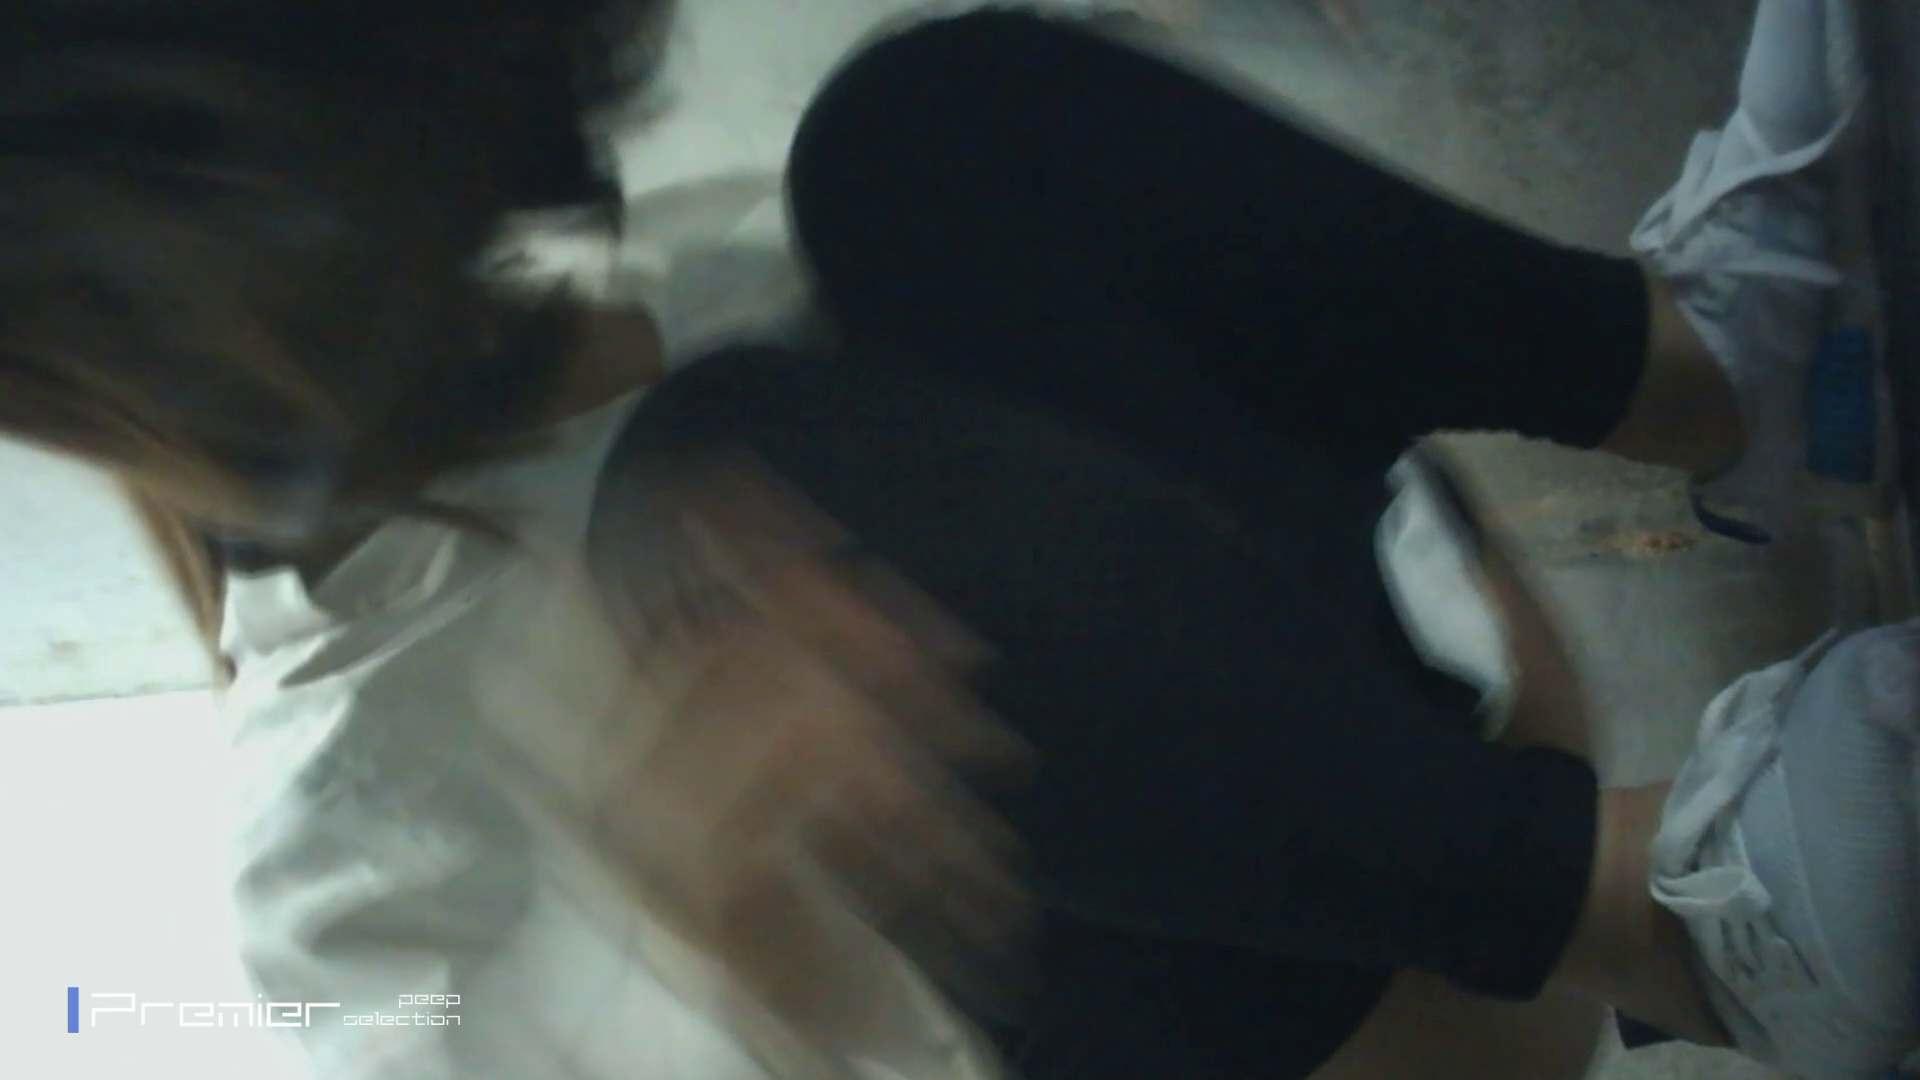 おとなしそうな女の子 トイレシーンを密着盗撮!! 美女の痴態に密着!Vol.24 潜入 AV動画キャプチャ 100画像 40